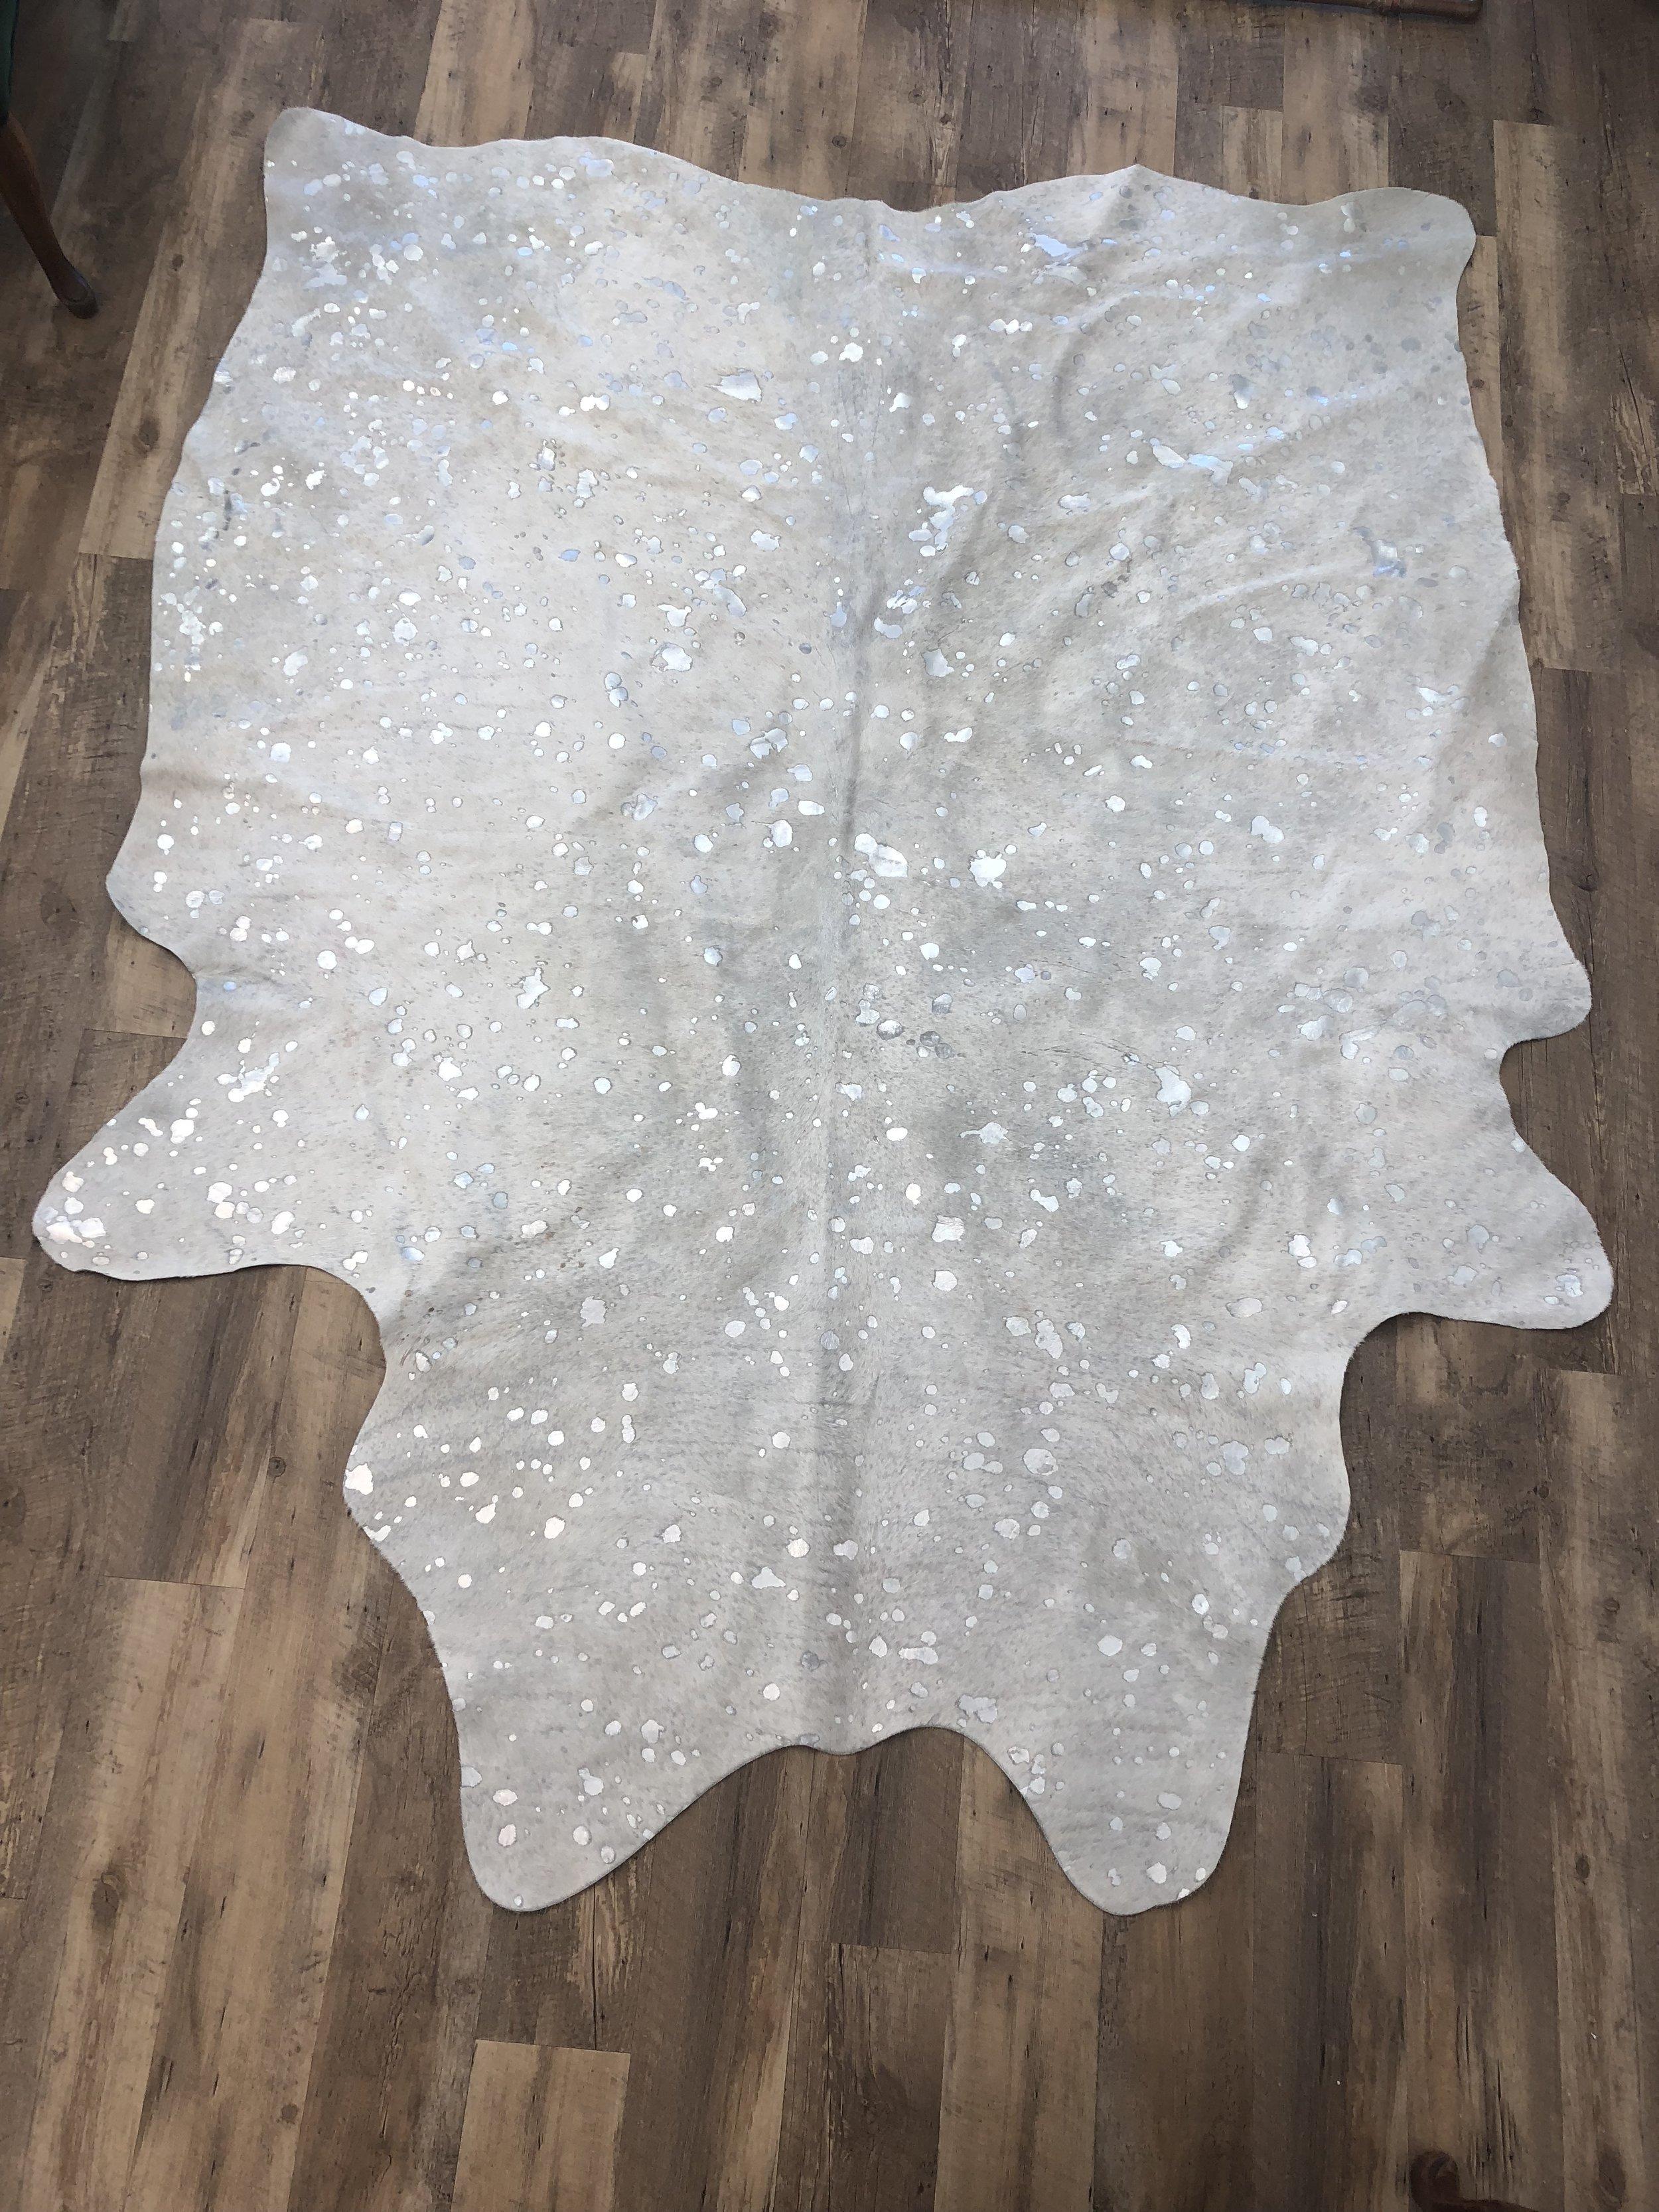 rug #11 - metallic cowhide rug